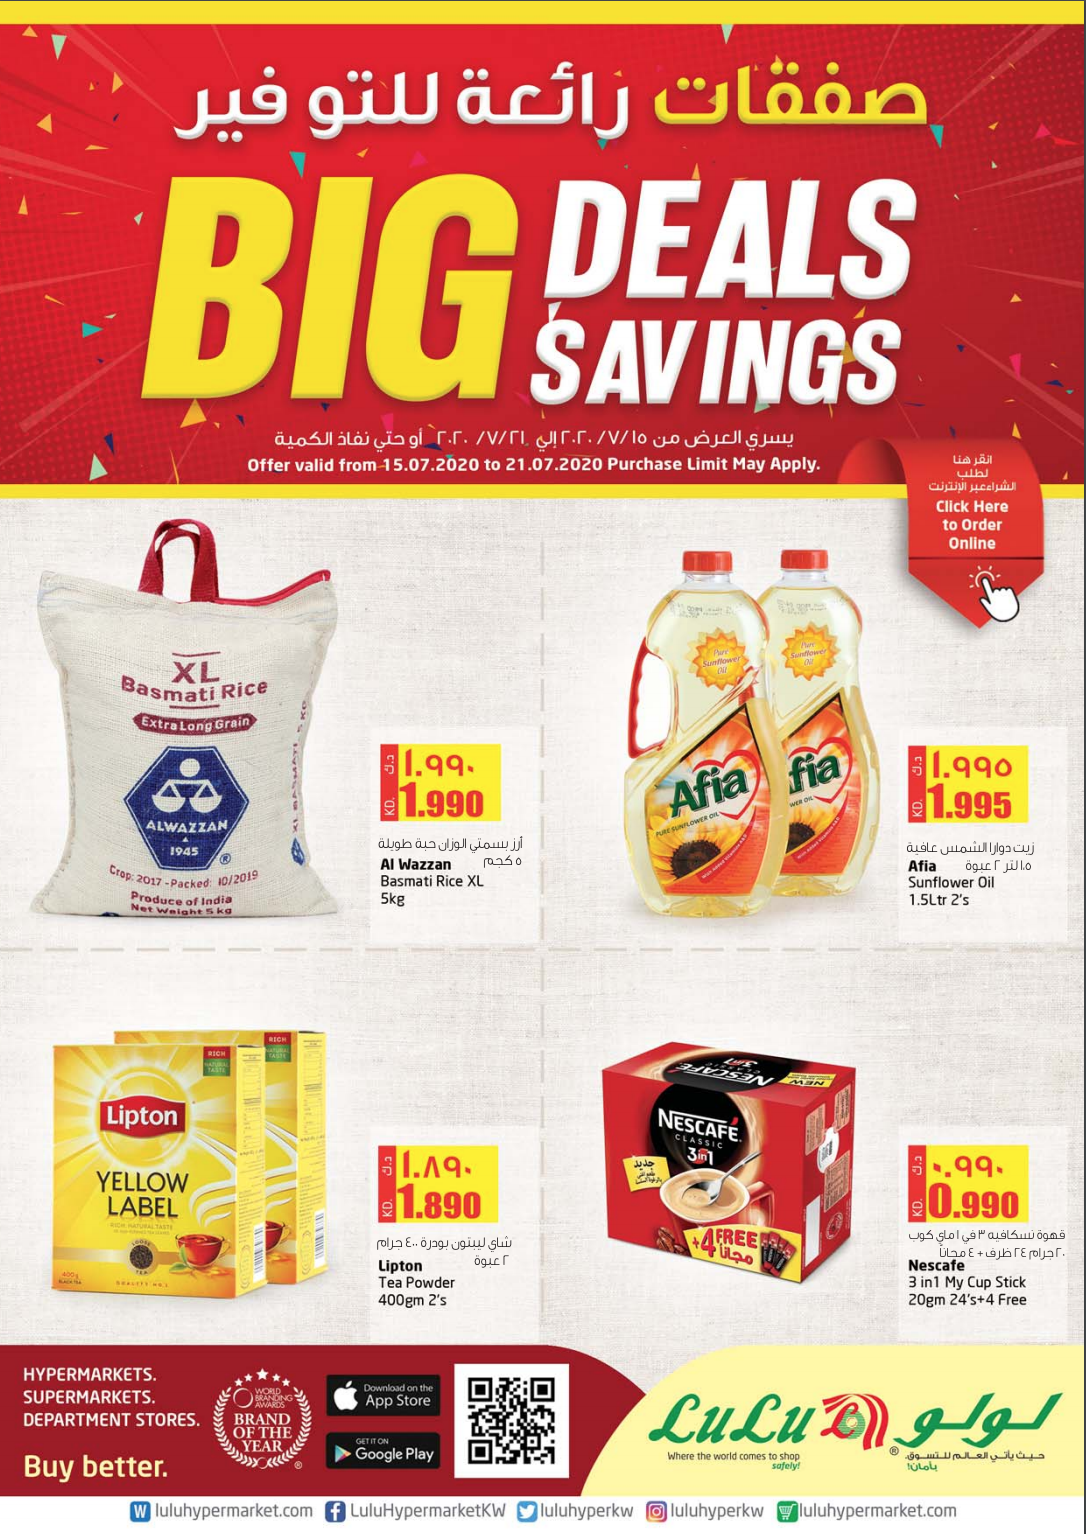 Big Deals Savings Lulu Hypermarket, Kuwait Lulu Offers, iiQ8Jobs 1